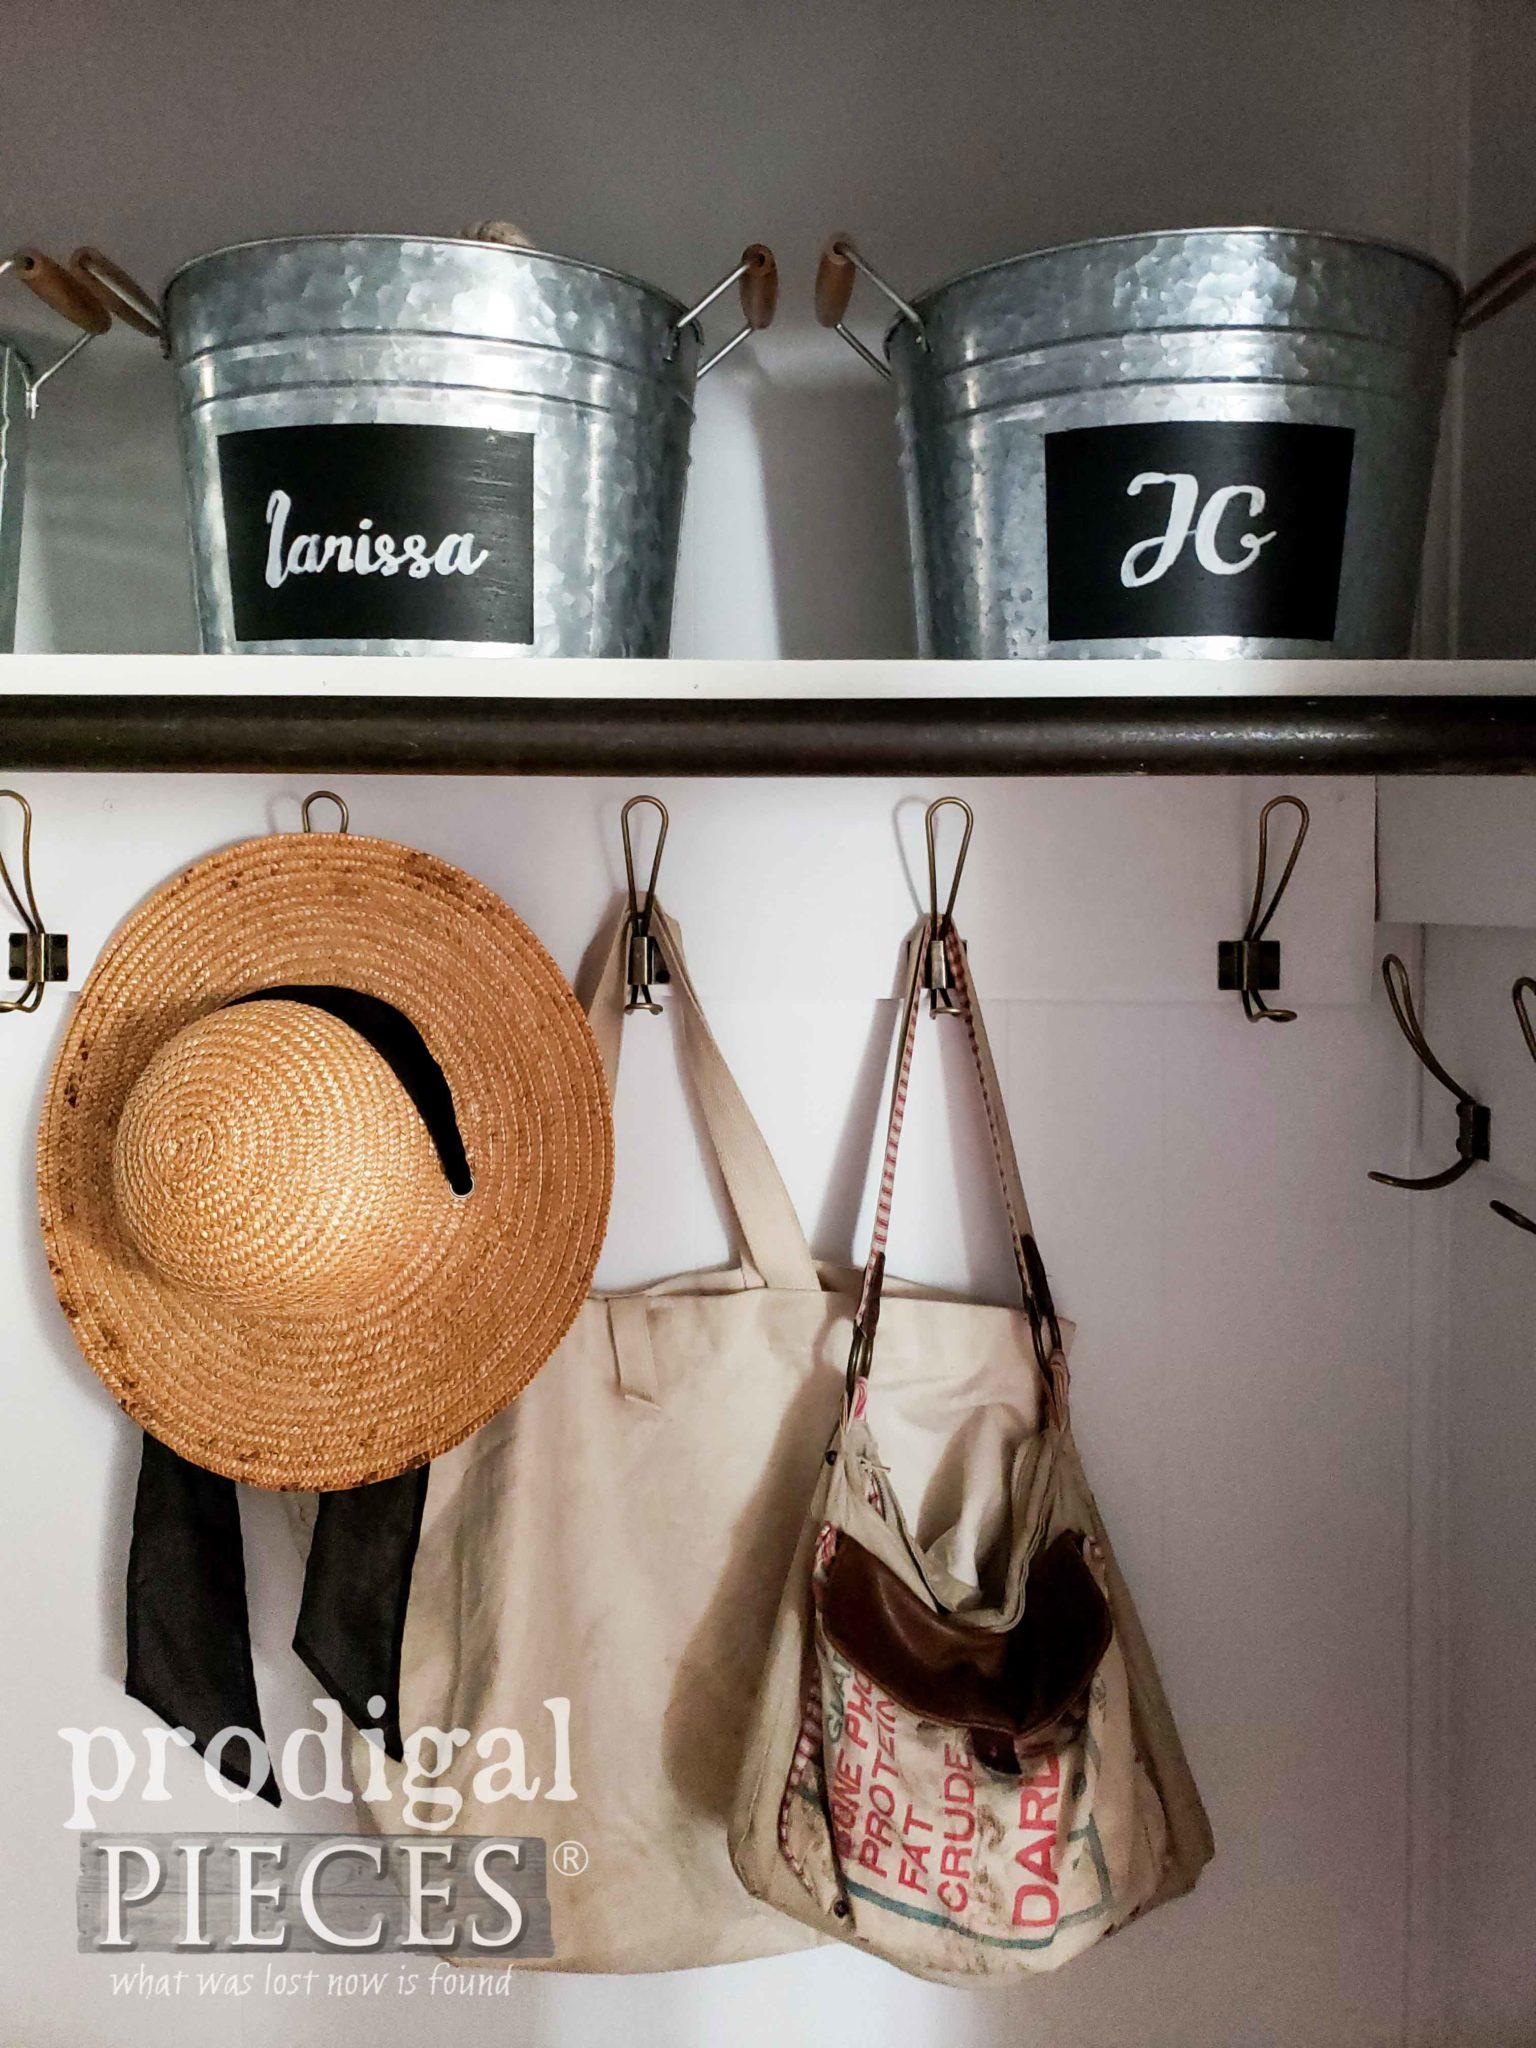 DIY Farmhouse Entry Storage by Larissa of Prodigal Pieces | prodigalpieces.com #prodigalpieces #diy #home #homedecor #farmhouse #storage #homeimprovement #diy